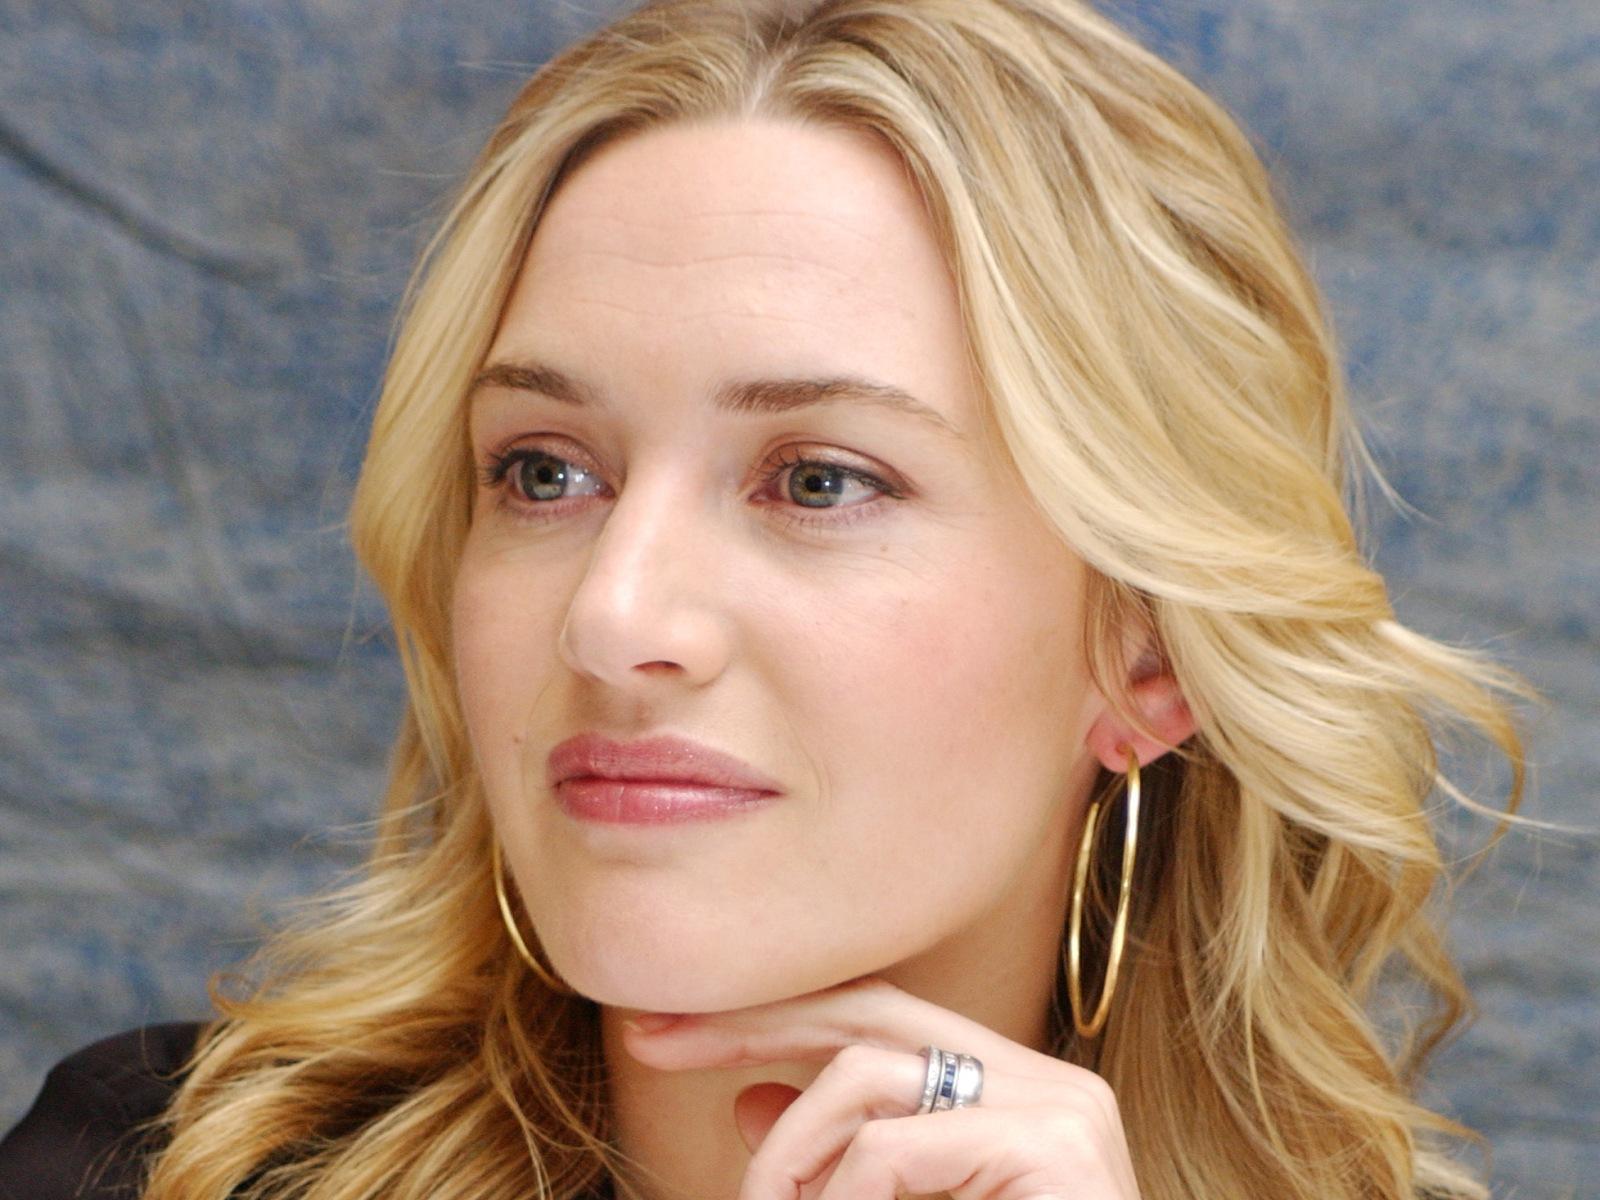 голливудские актрисы фото с именами тесто форму, застеленную